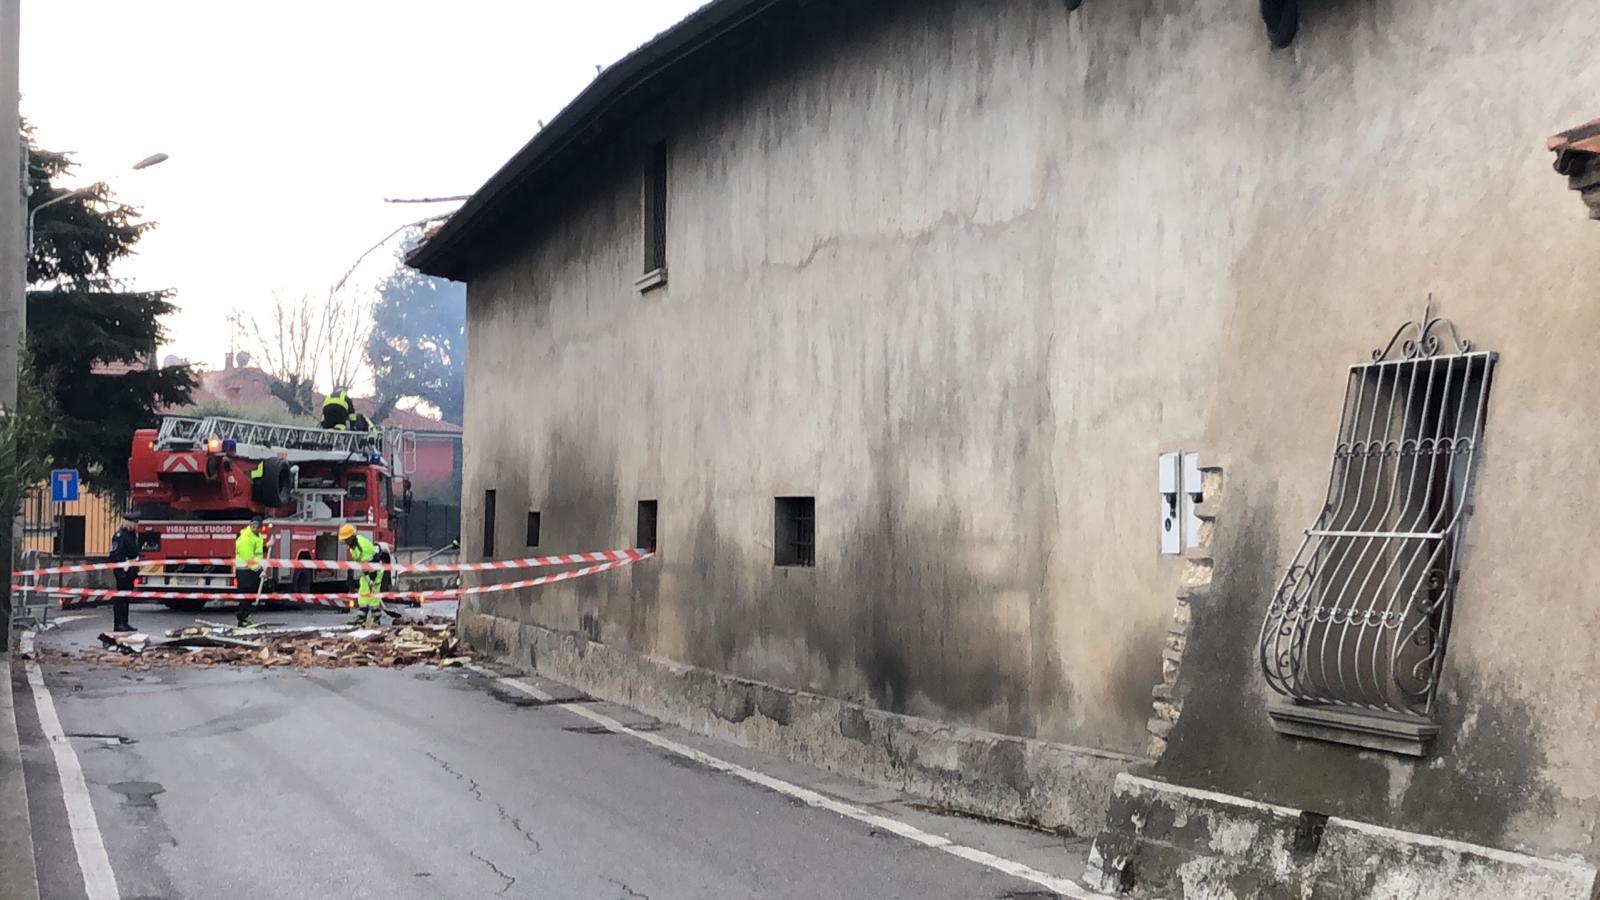 Casa Tua Arredamenti Rovato incendio a rovato: deposito a fuoco e un ustionato foto